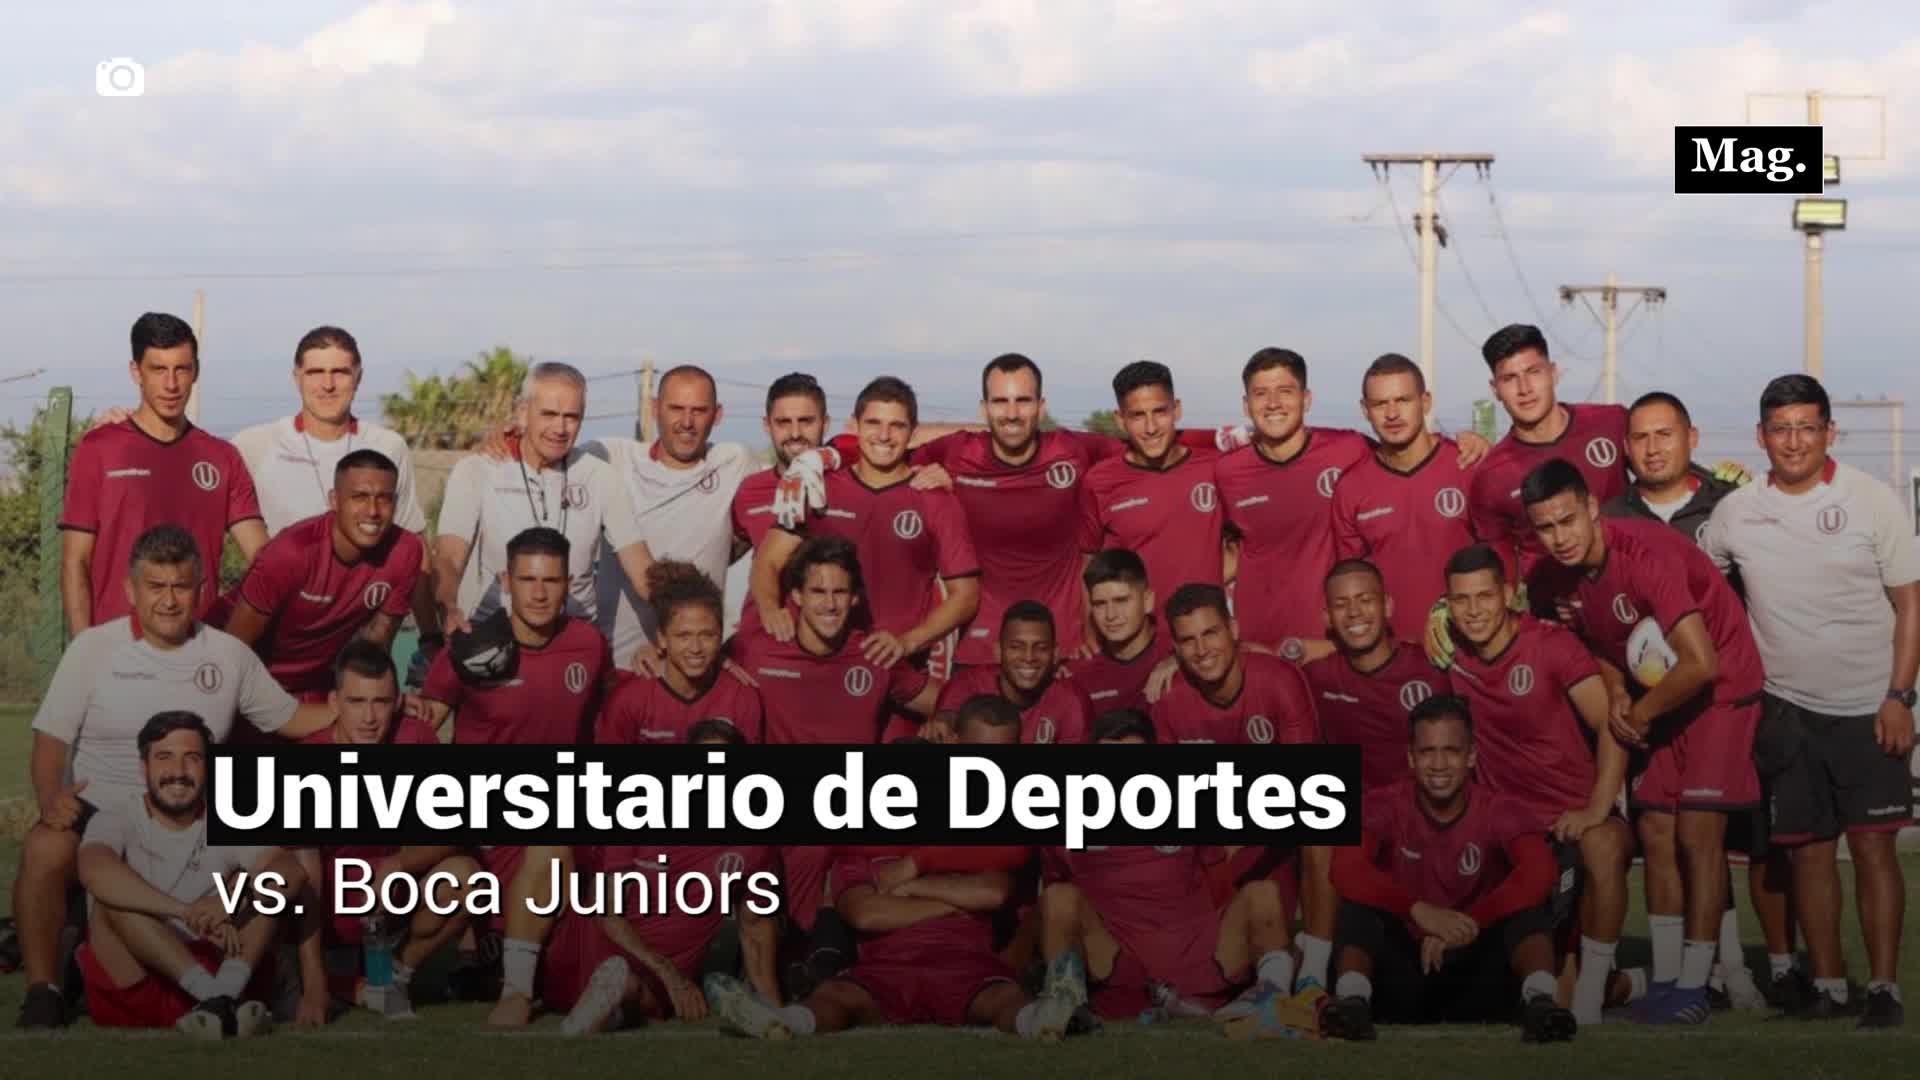 Universitario de Deportes se enfrenta a Boca Juniors después de 22 años